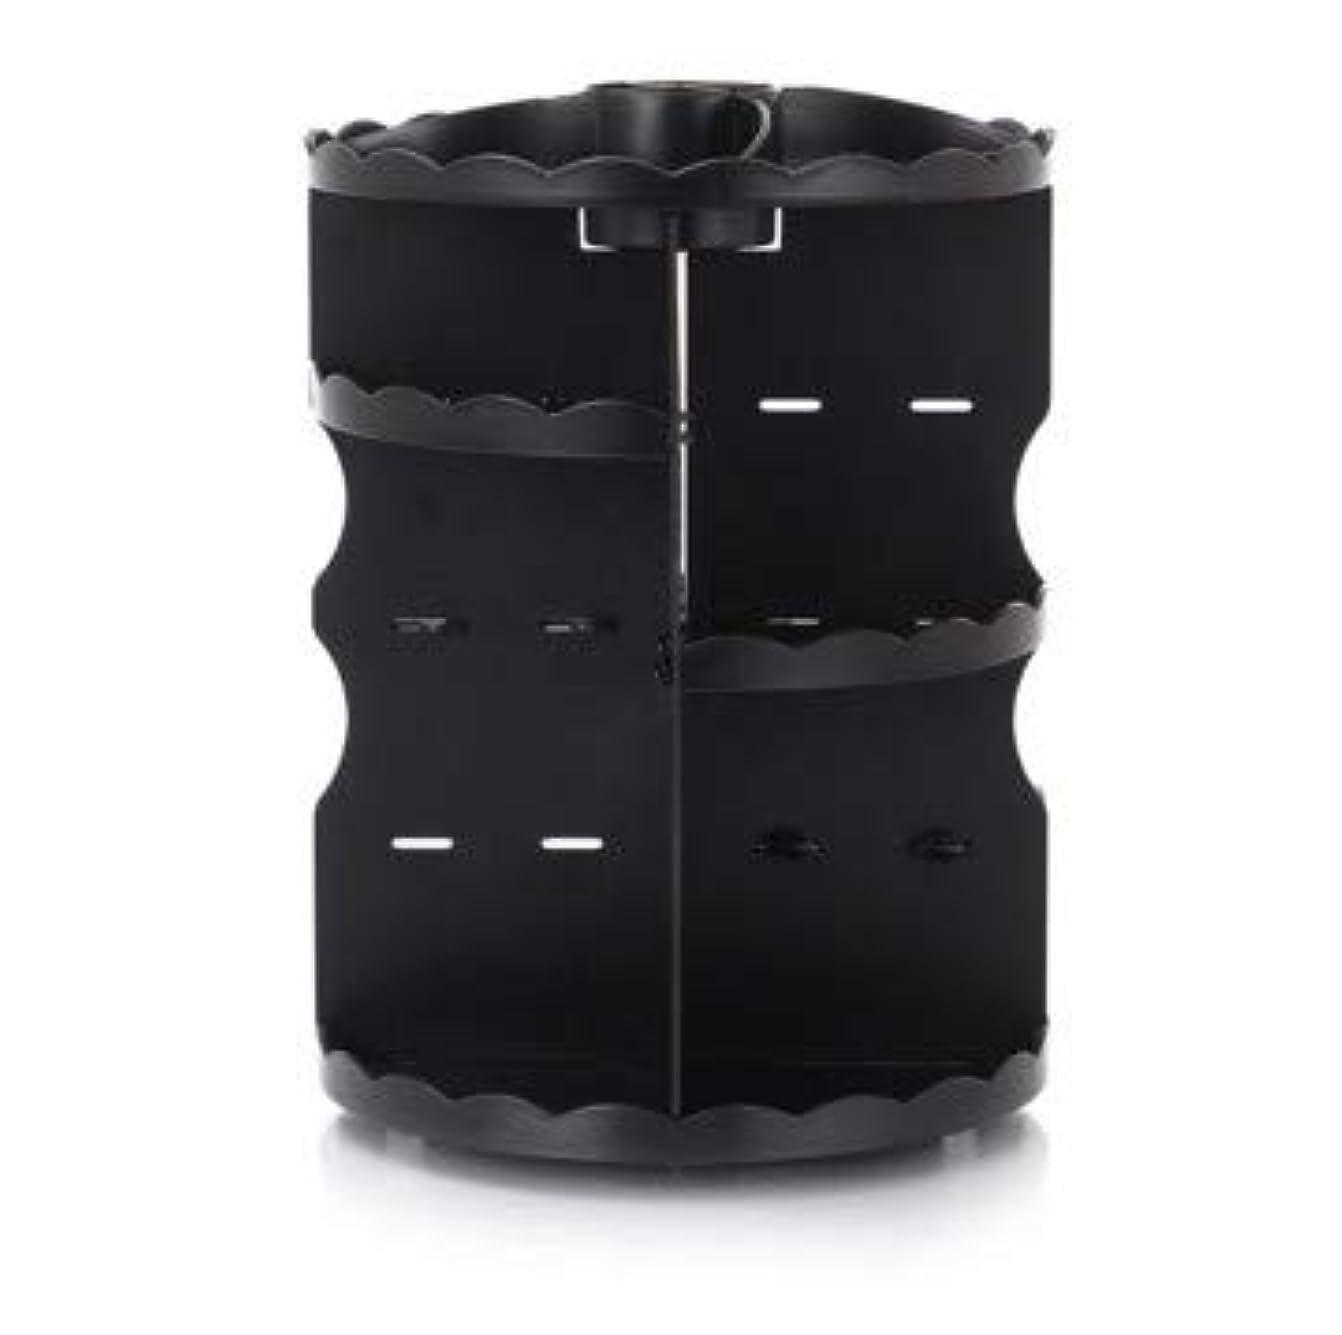 純粋に害虫秀でるラウンド卓上回転口紅フレーム透明アクリル化粧ケース浴室スキンケアプラスチック収納ボックス (Color : ブラック)